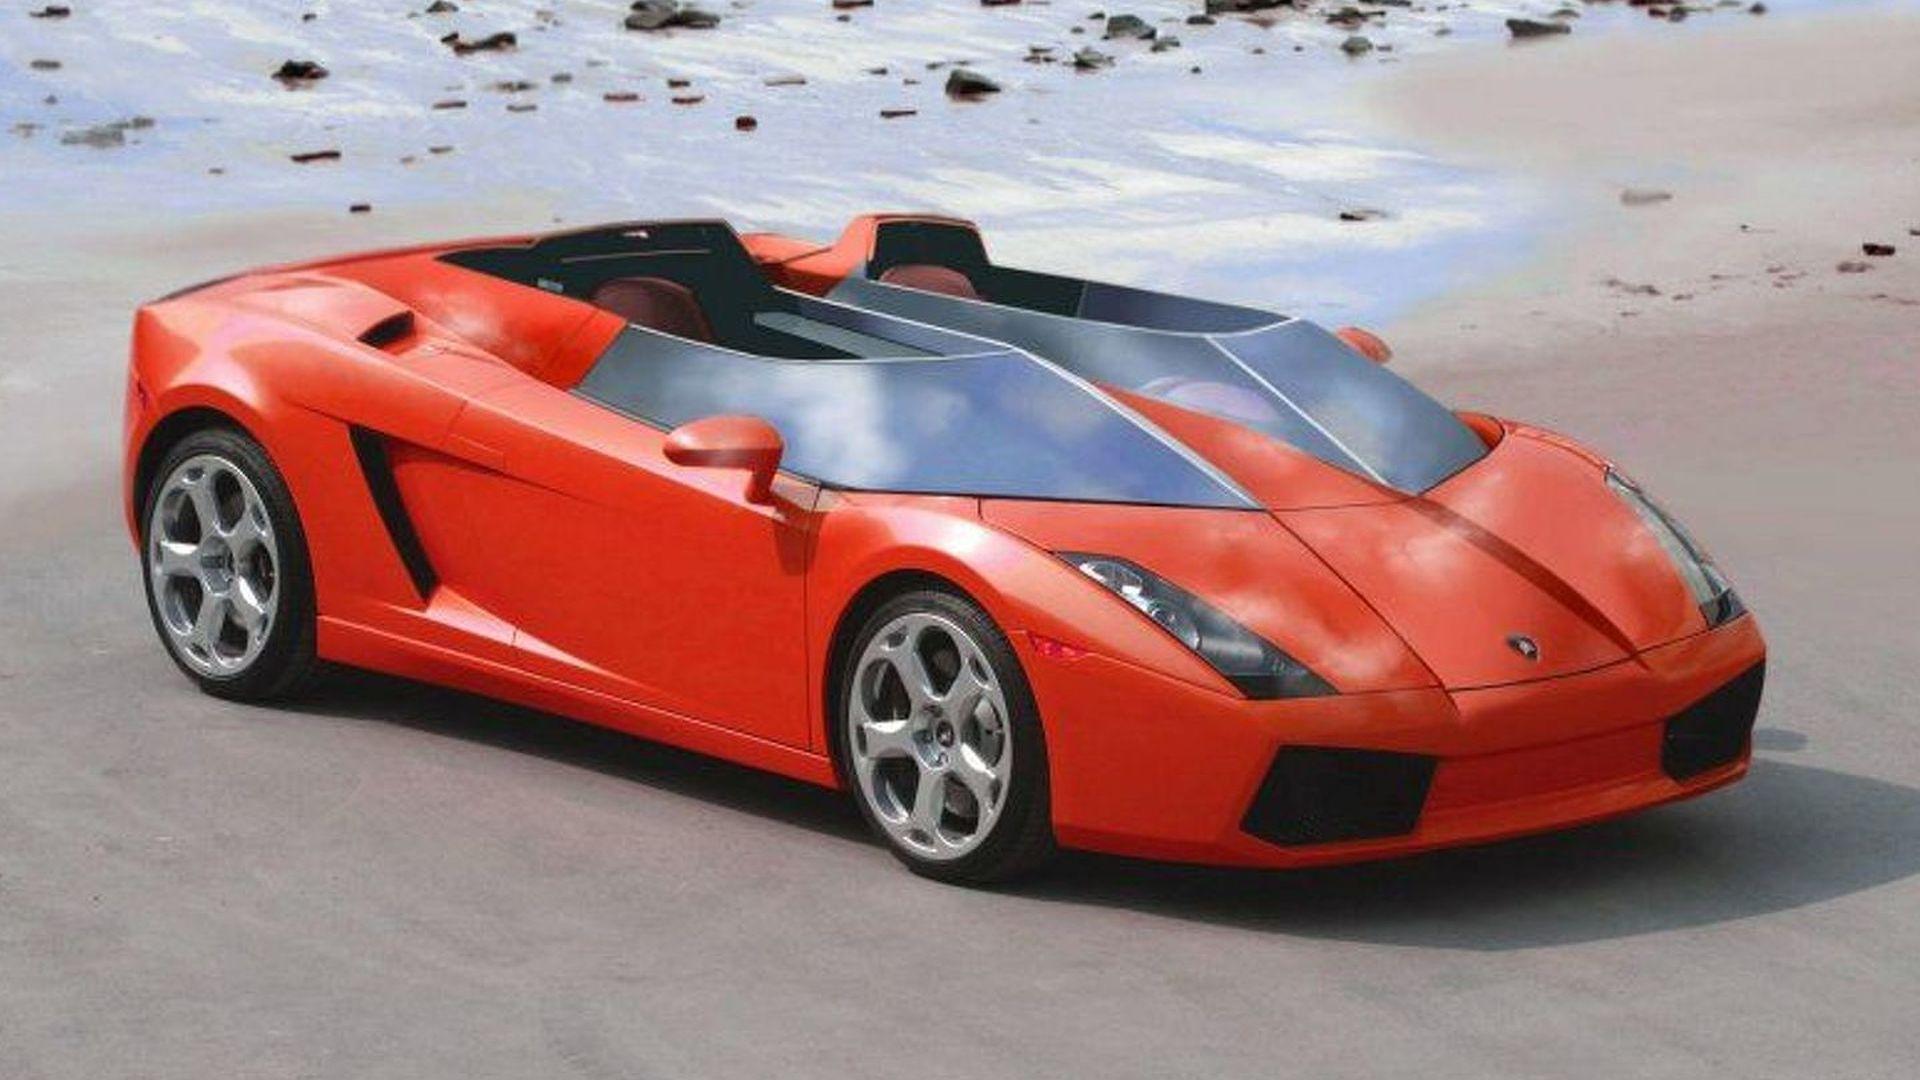 Future Supercars to Come